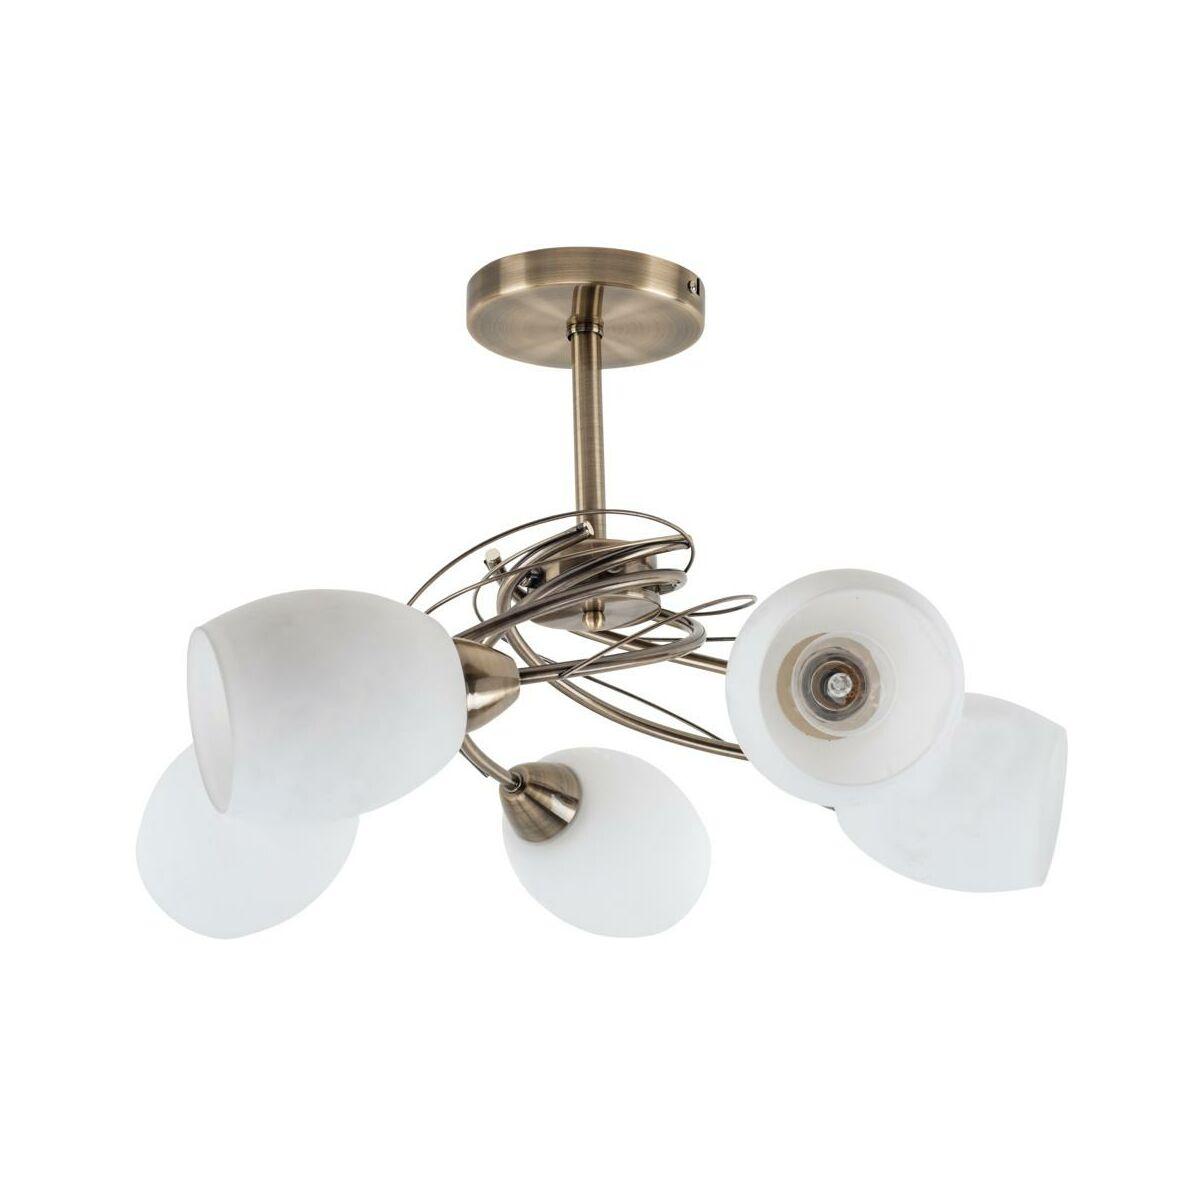 Zyrandol Pisa Patyna E27 Spot Light Zyrandole Lampy Wiszace I Sufitowe W Atrakcyjnej Cenie W Sklepach Leroy Merlin